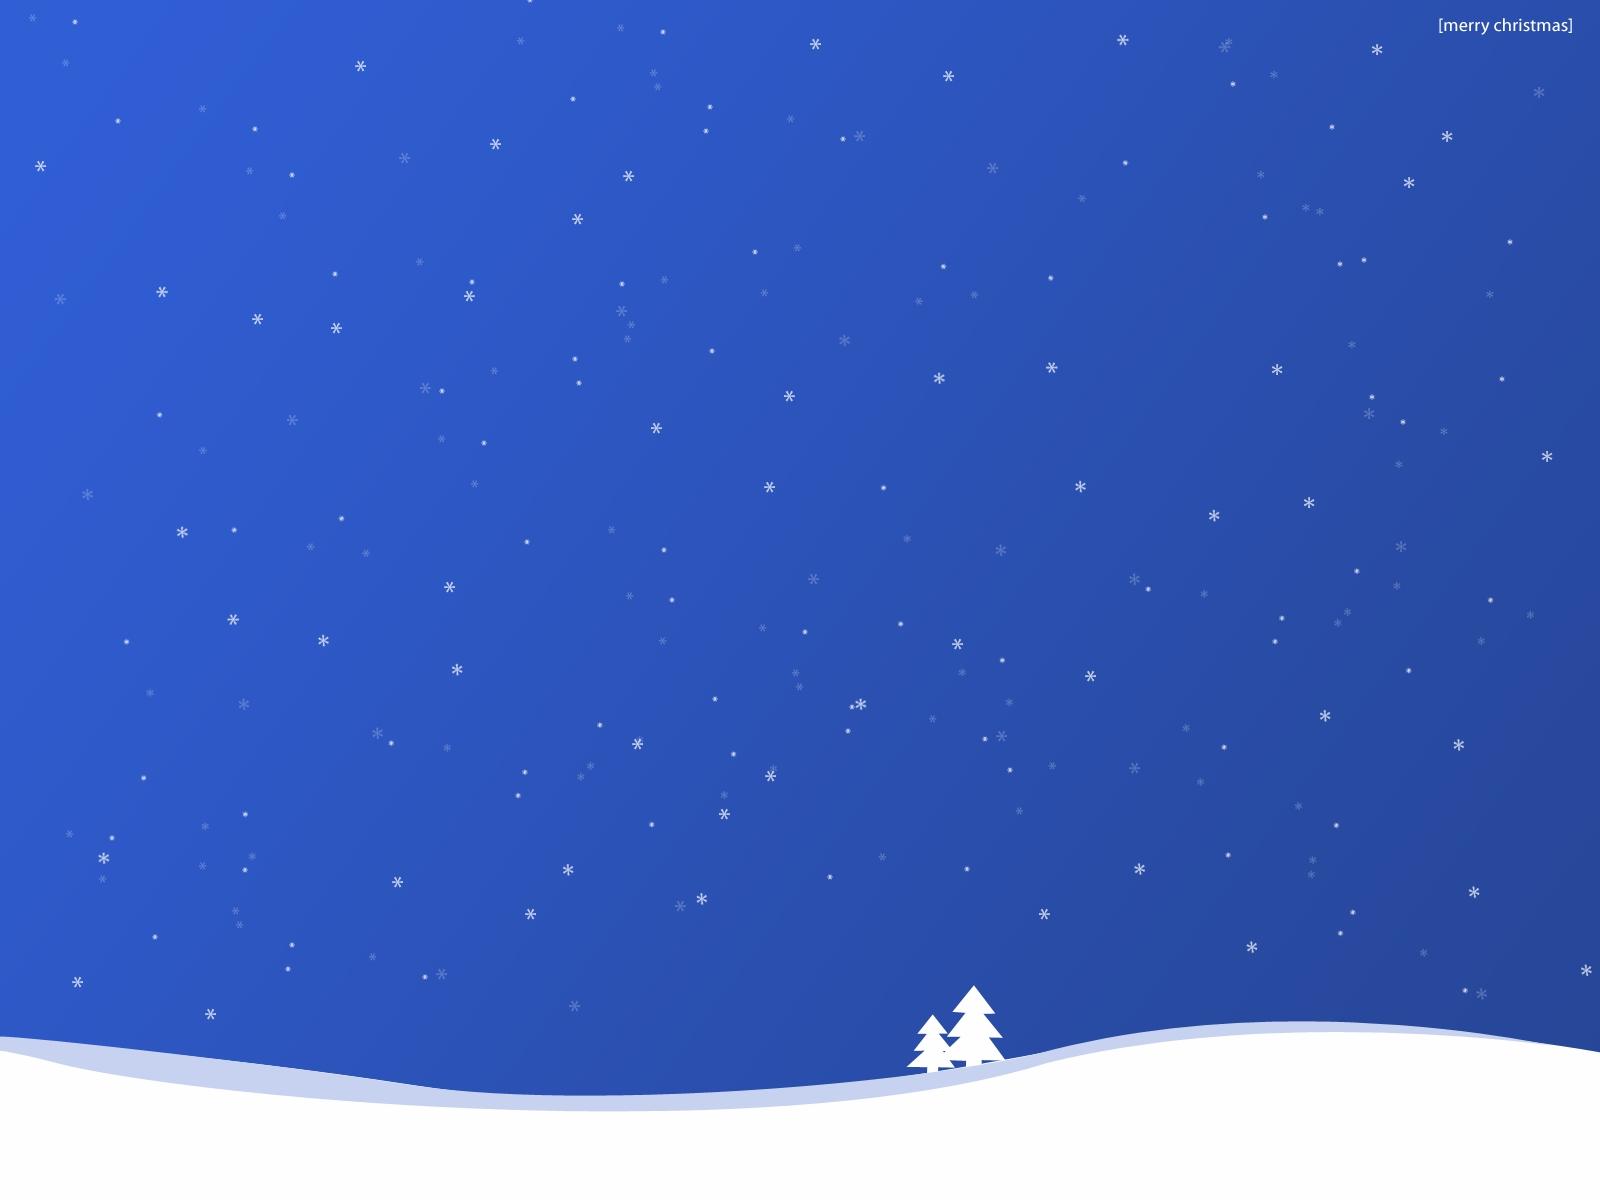 Snowy Christmas Scenes Wallpaper - WallpaperSafari